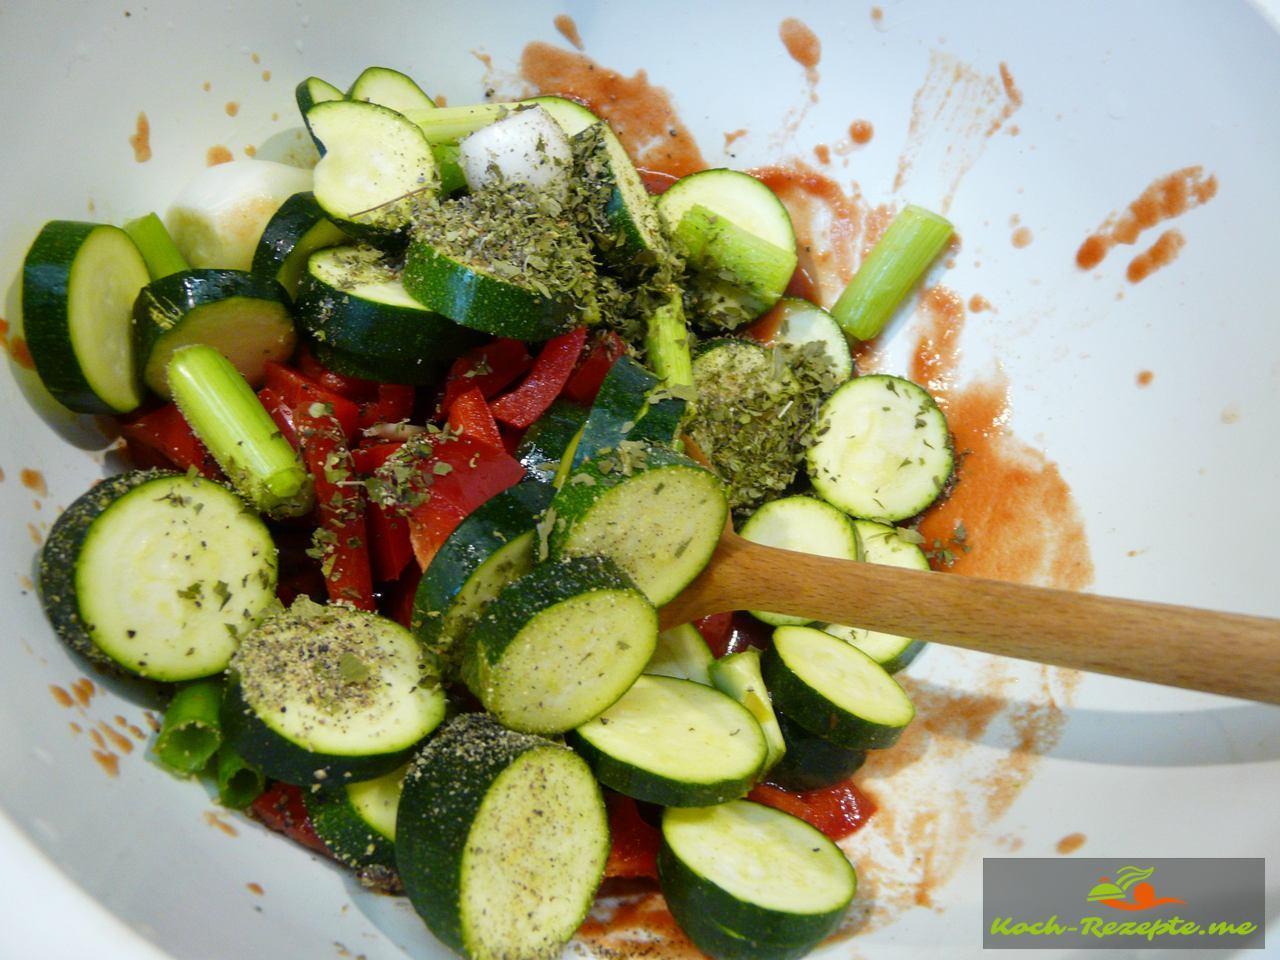 Die Gemüsesorten im Tomatenpüree gemischt